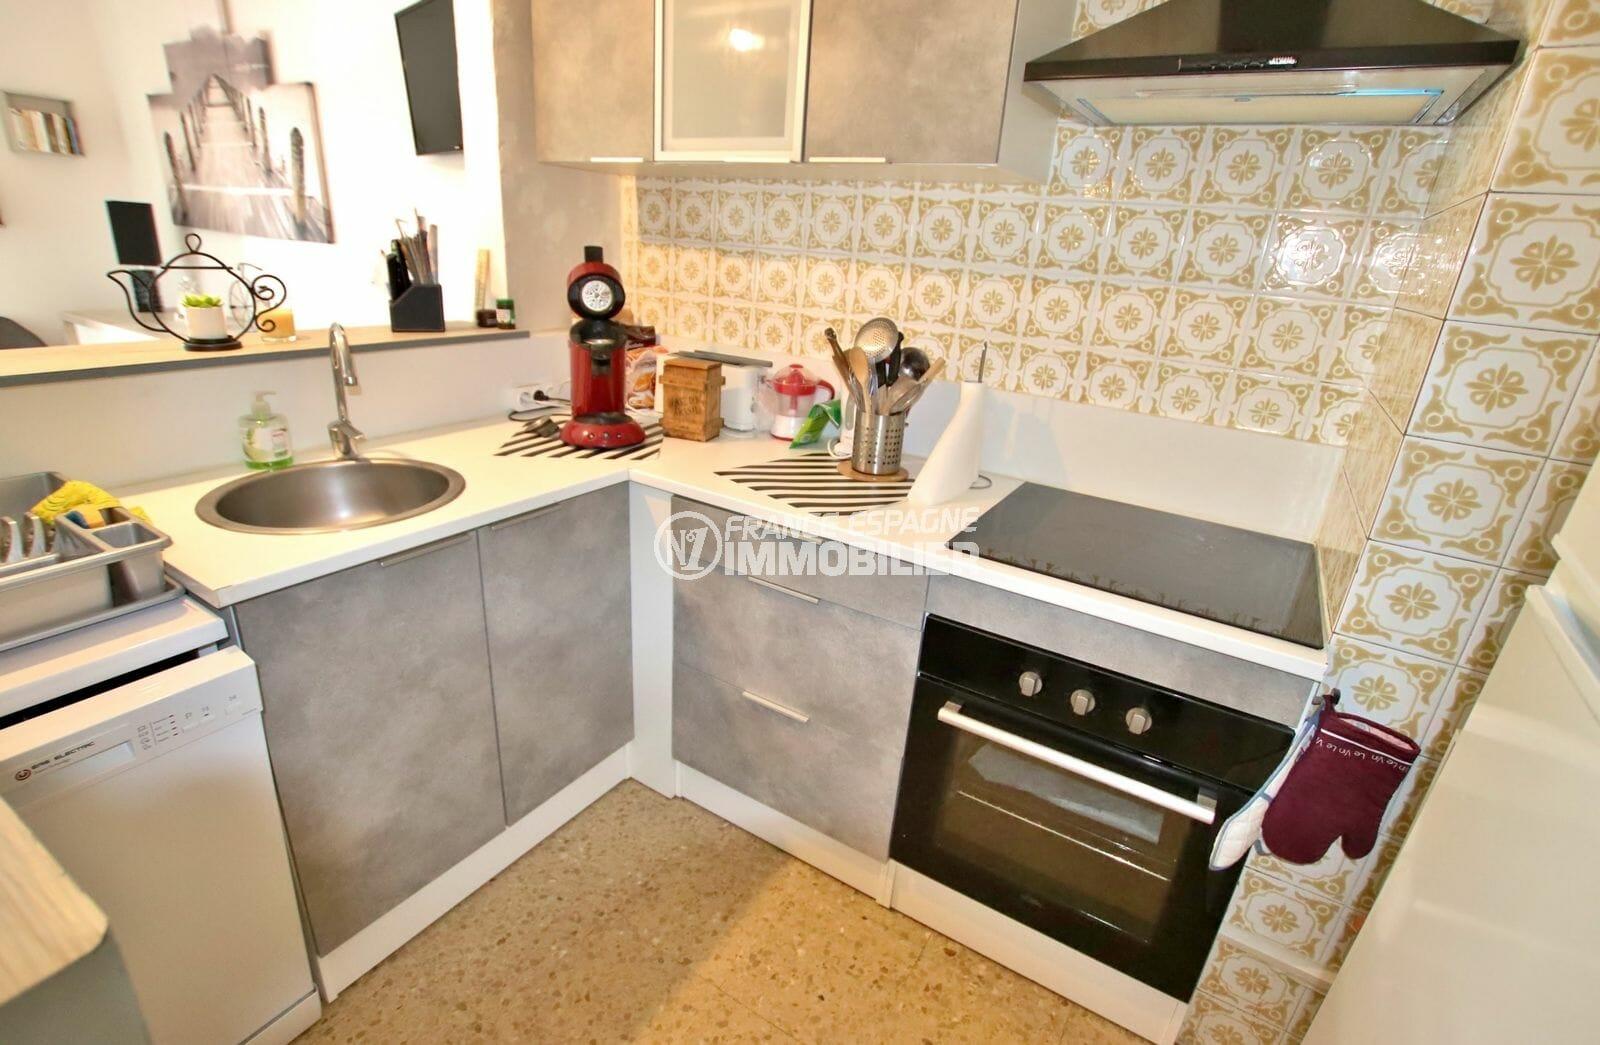 agence immobilière costa brava: appartement 51 m², cuisine fonctionnelle et équipée